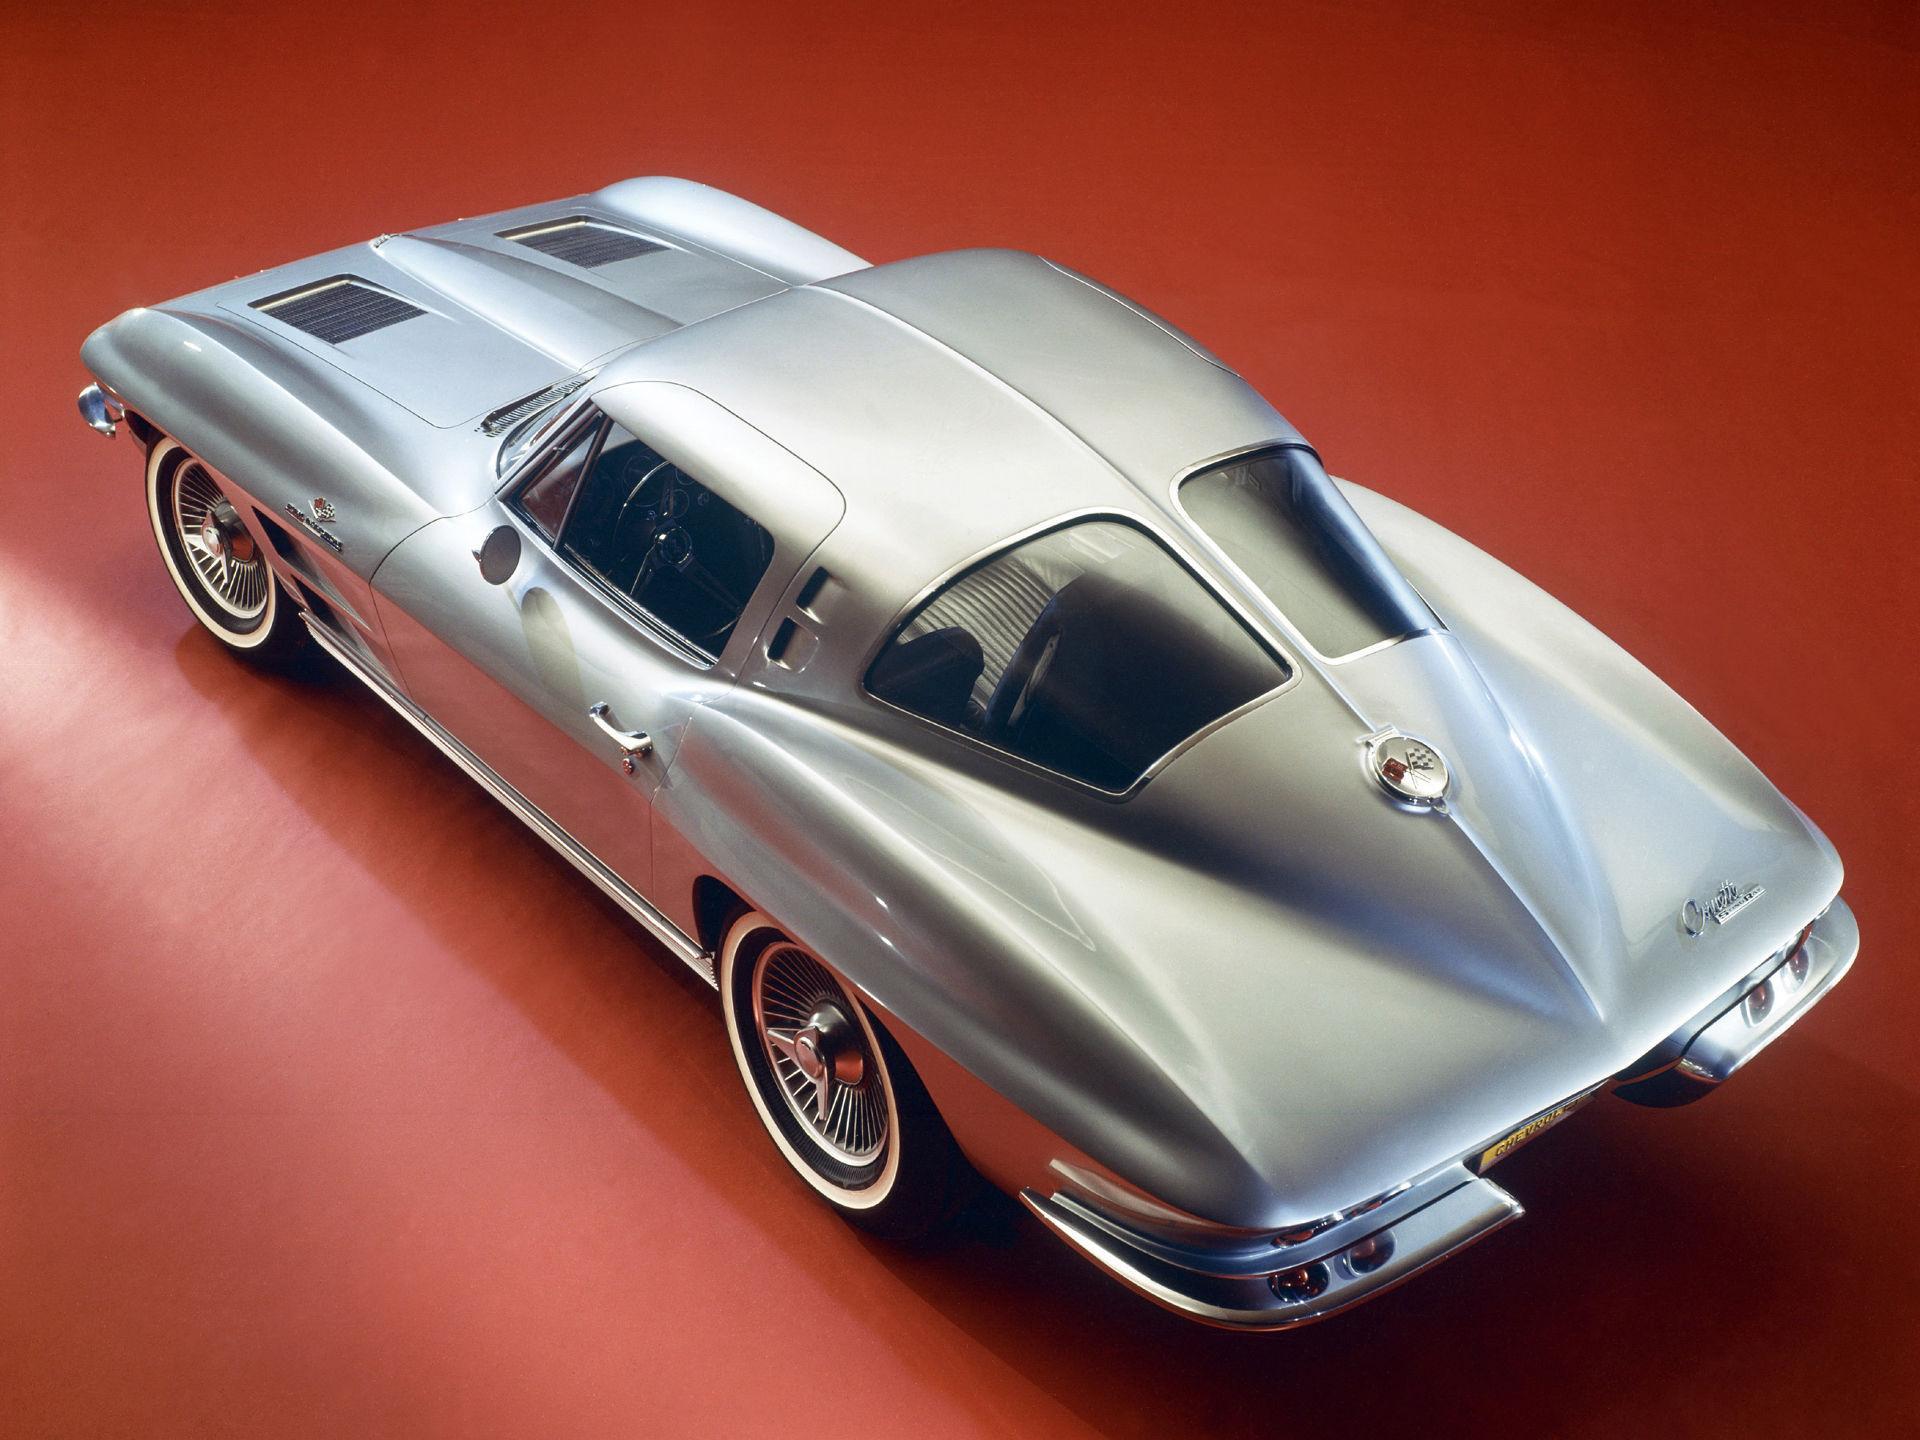 1963 Chevrolet Corvette C2